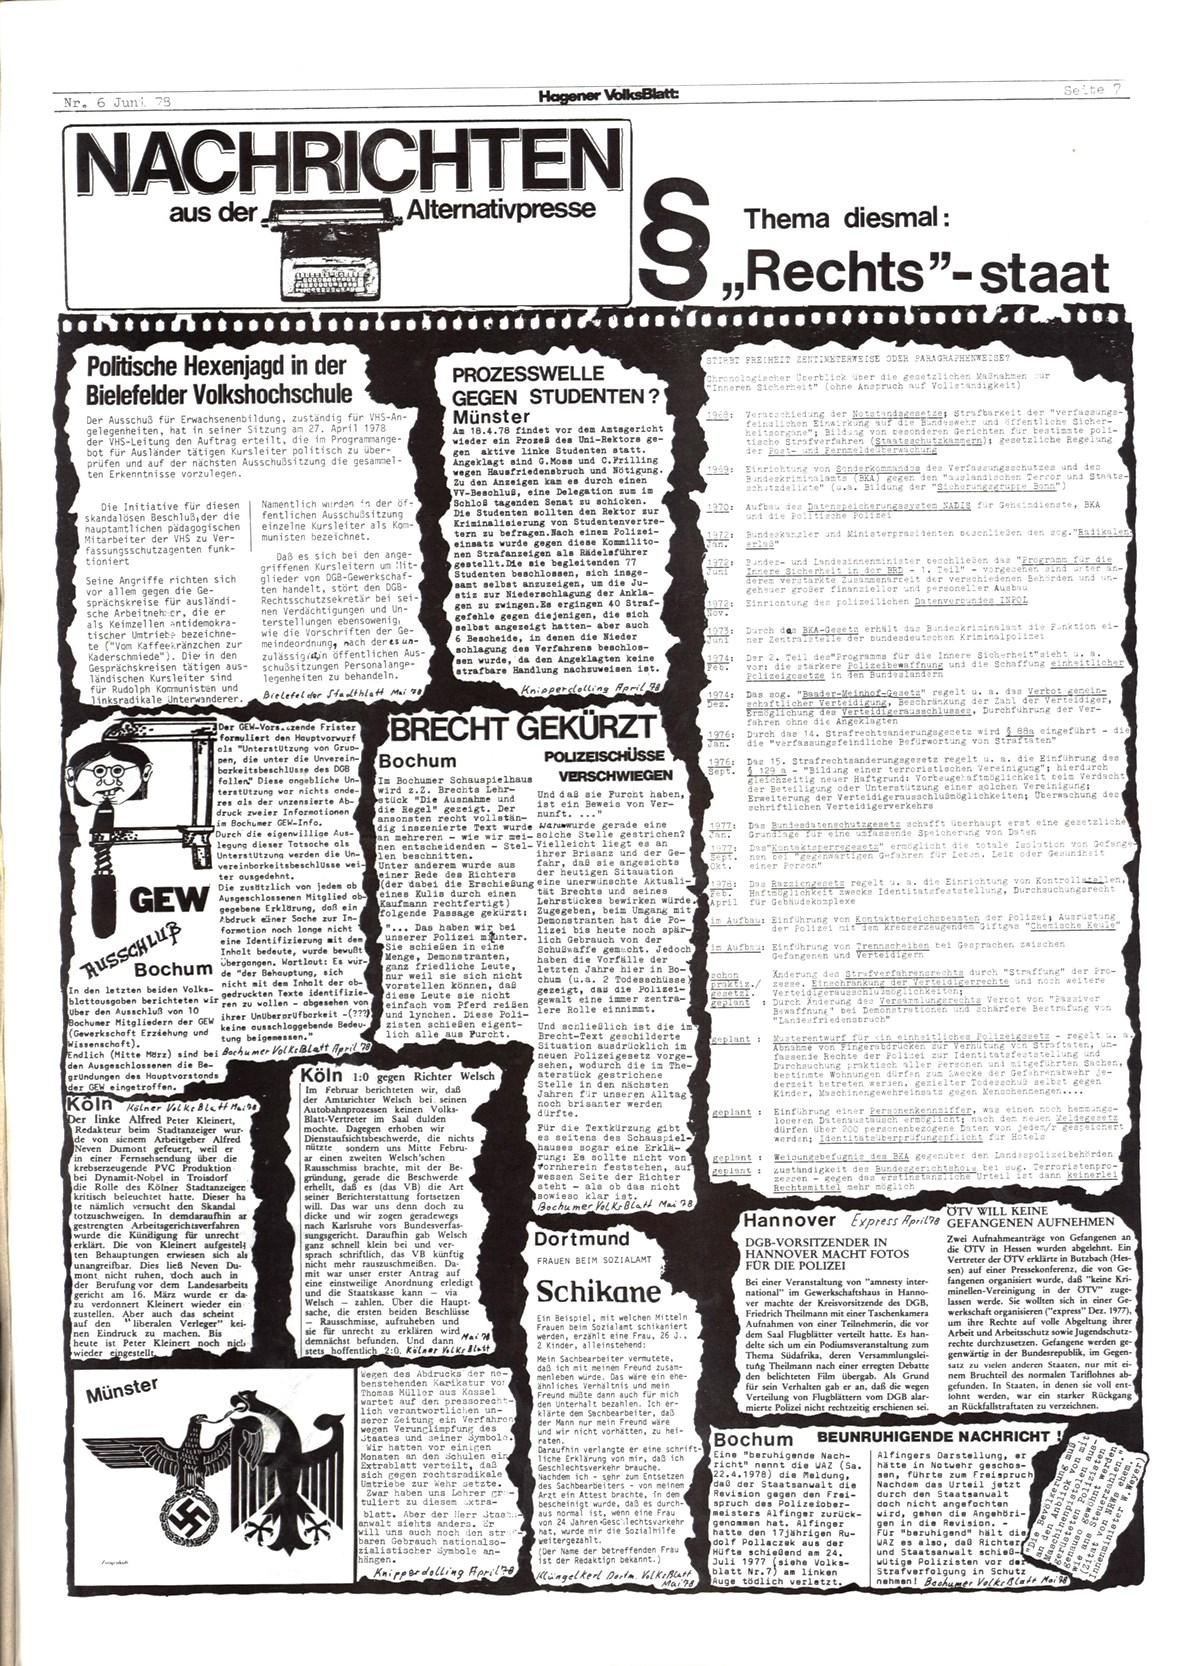 Hagen_Volksblatt_19780600_07